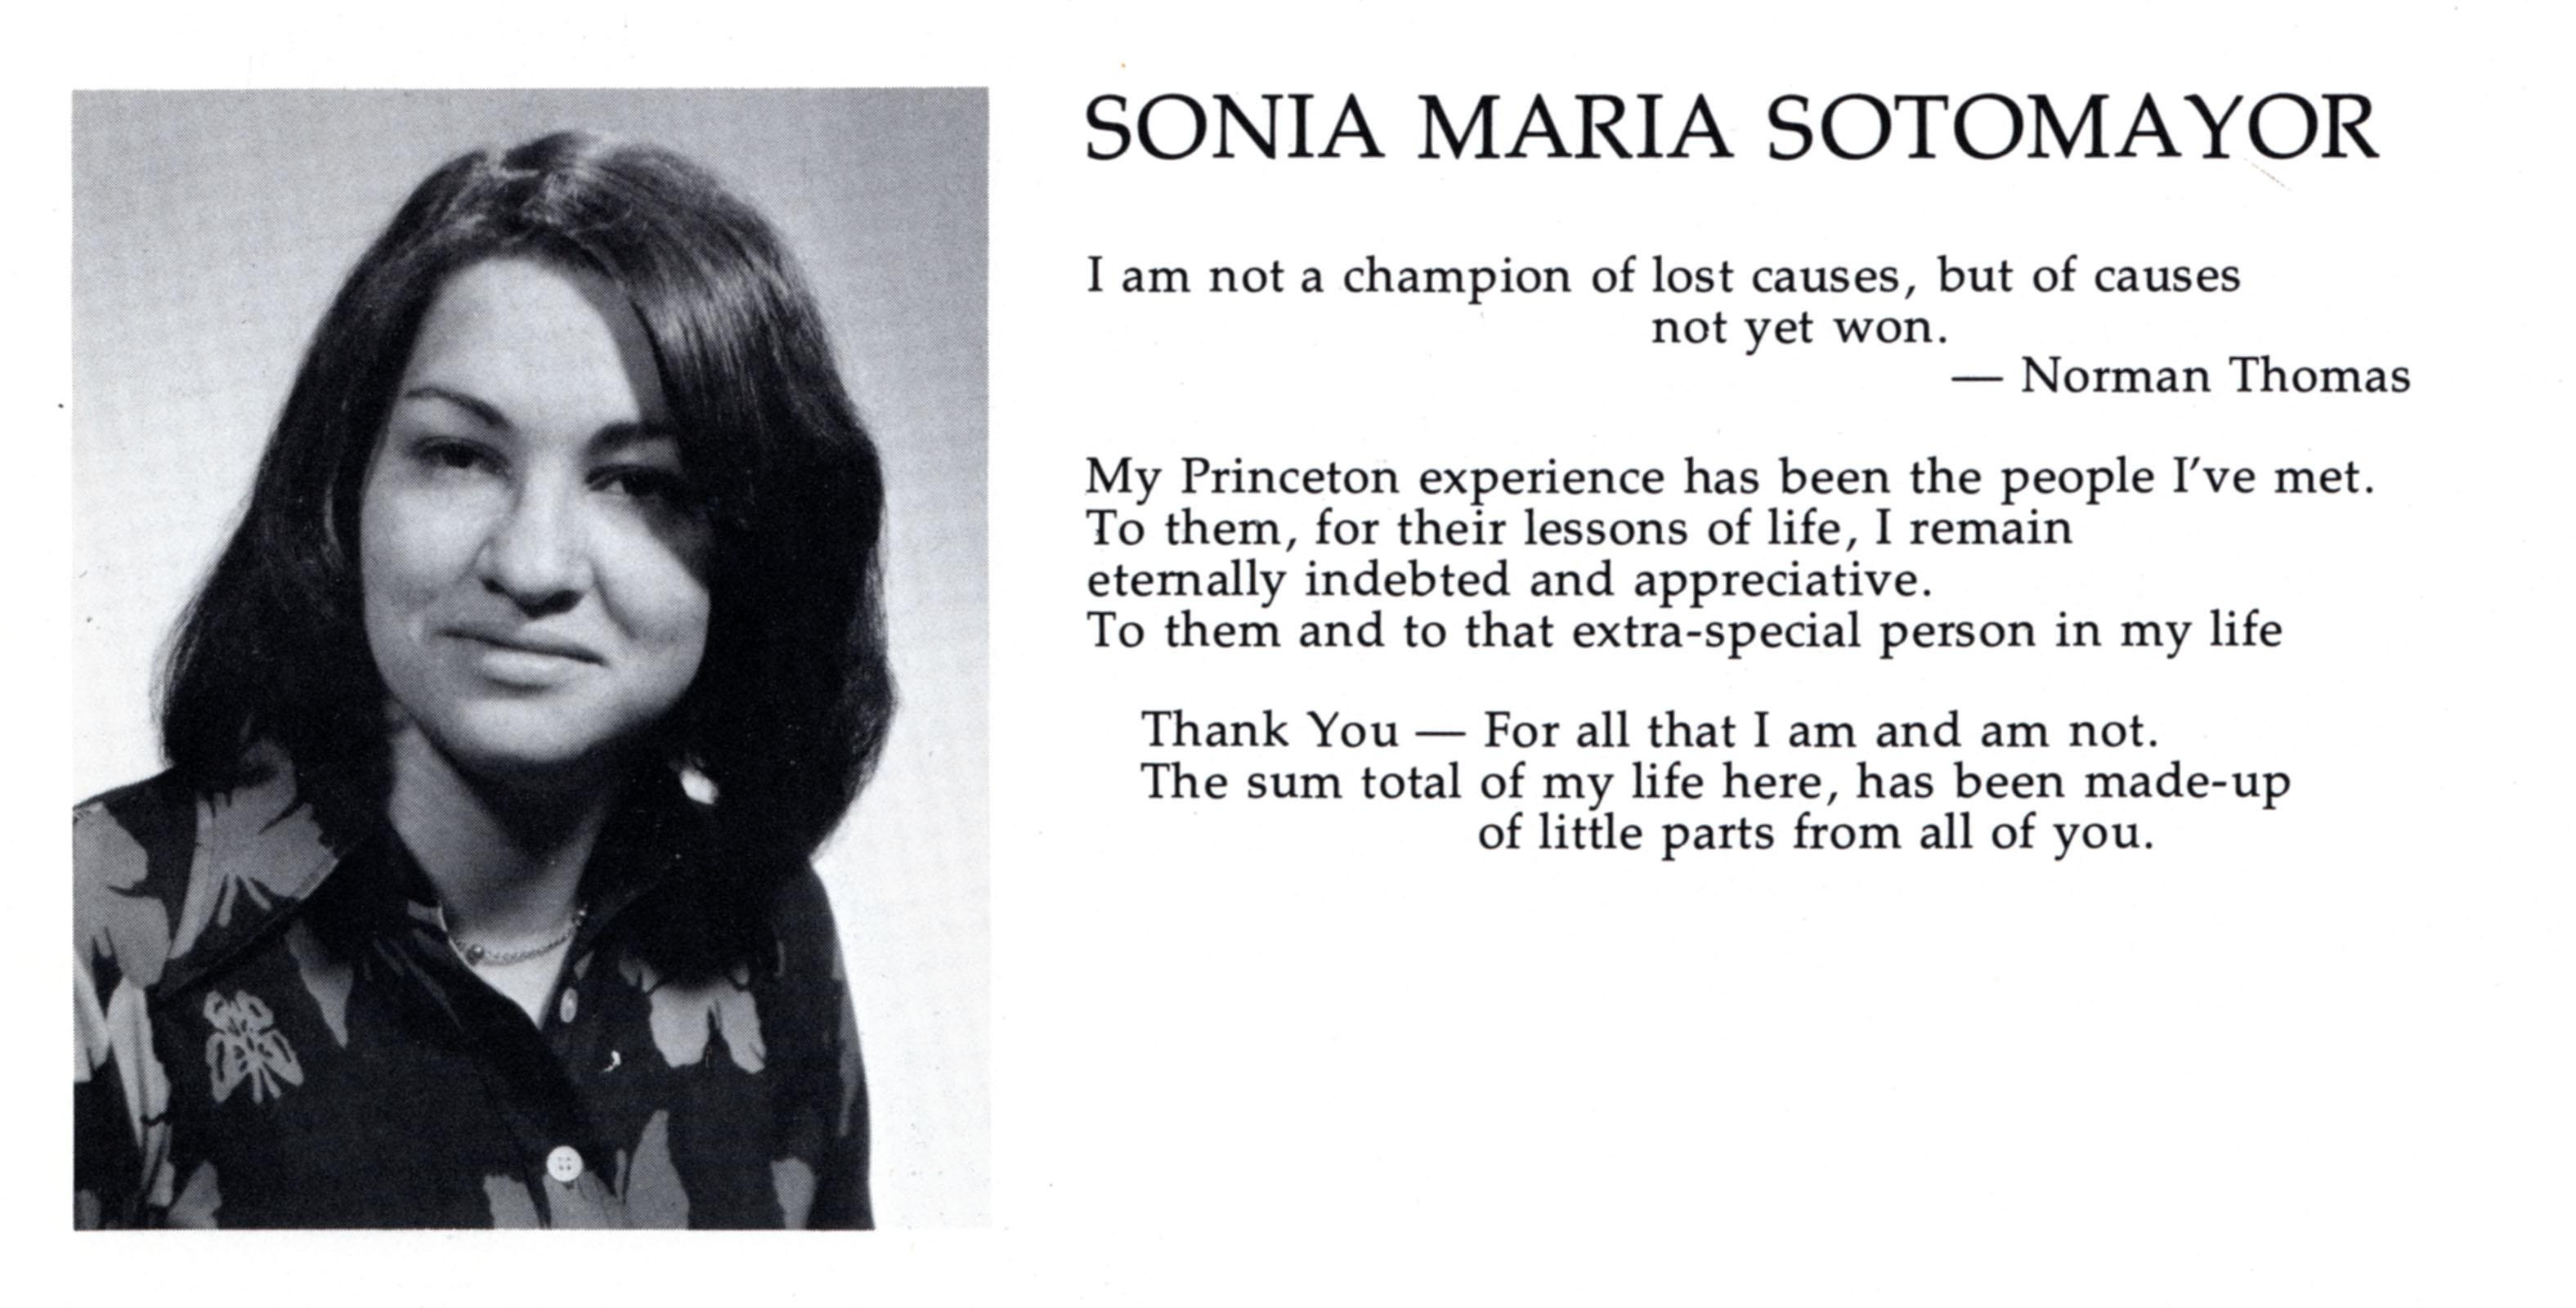 Sonia Sotomayor's quote #1